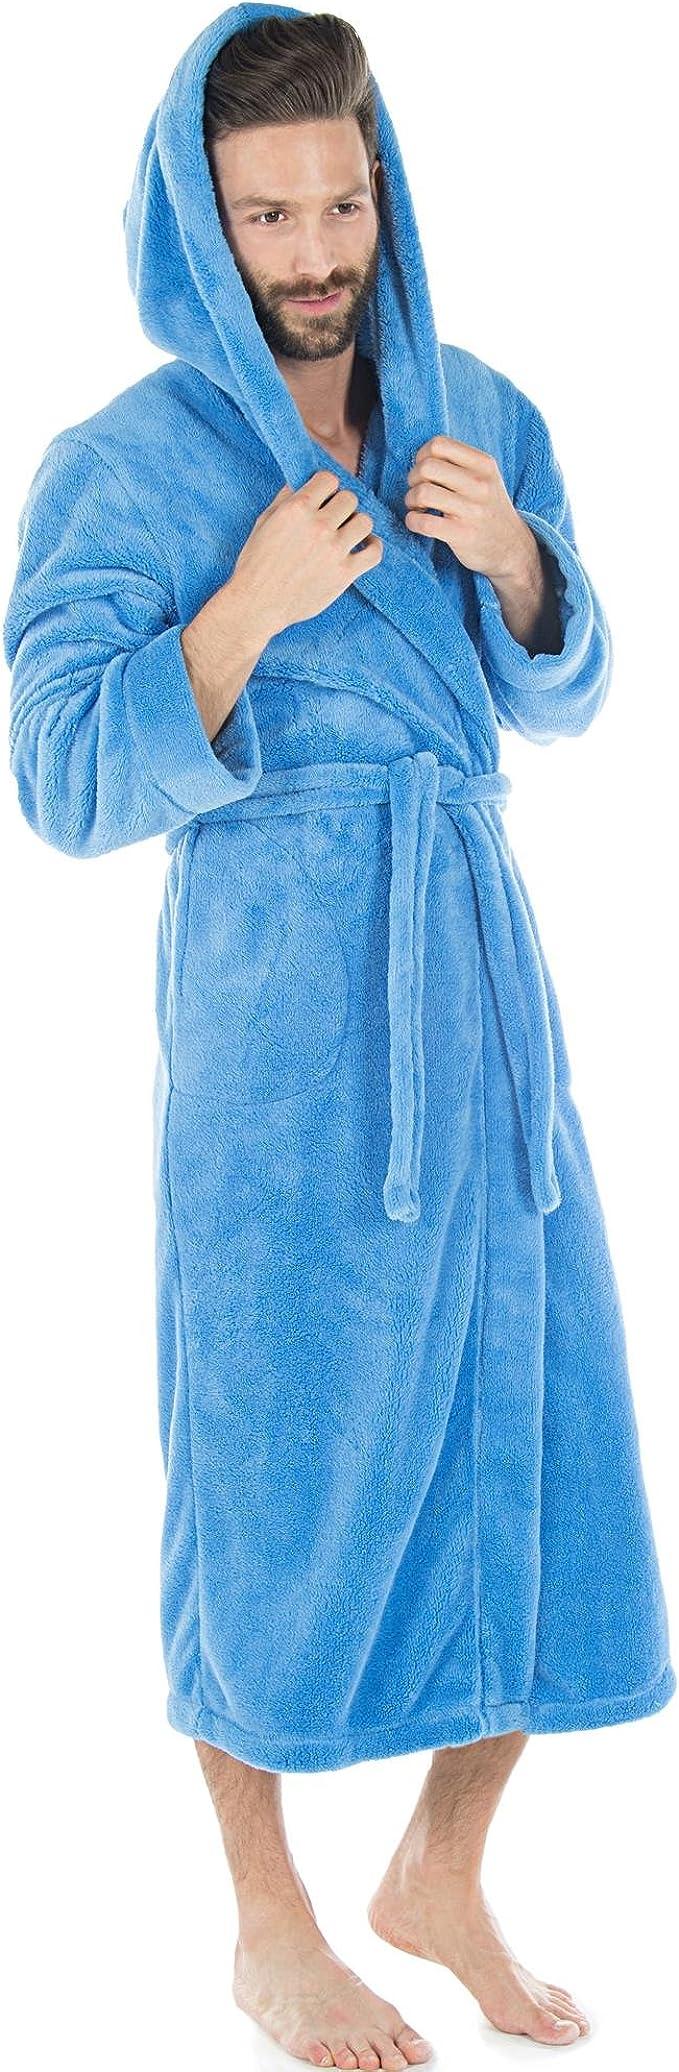 CelinaTex Miami Peignoir De Bain Court Microfibre Capuche Poches Appliqu/ées Femme De Deux Couleurs Laine Polaire de Corail XXXL Bleu fonc/é//Bleu m/édian